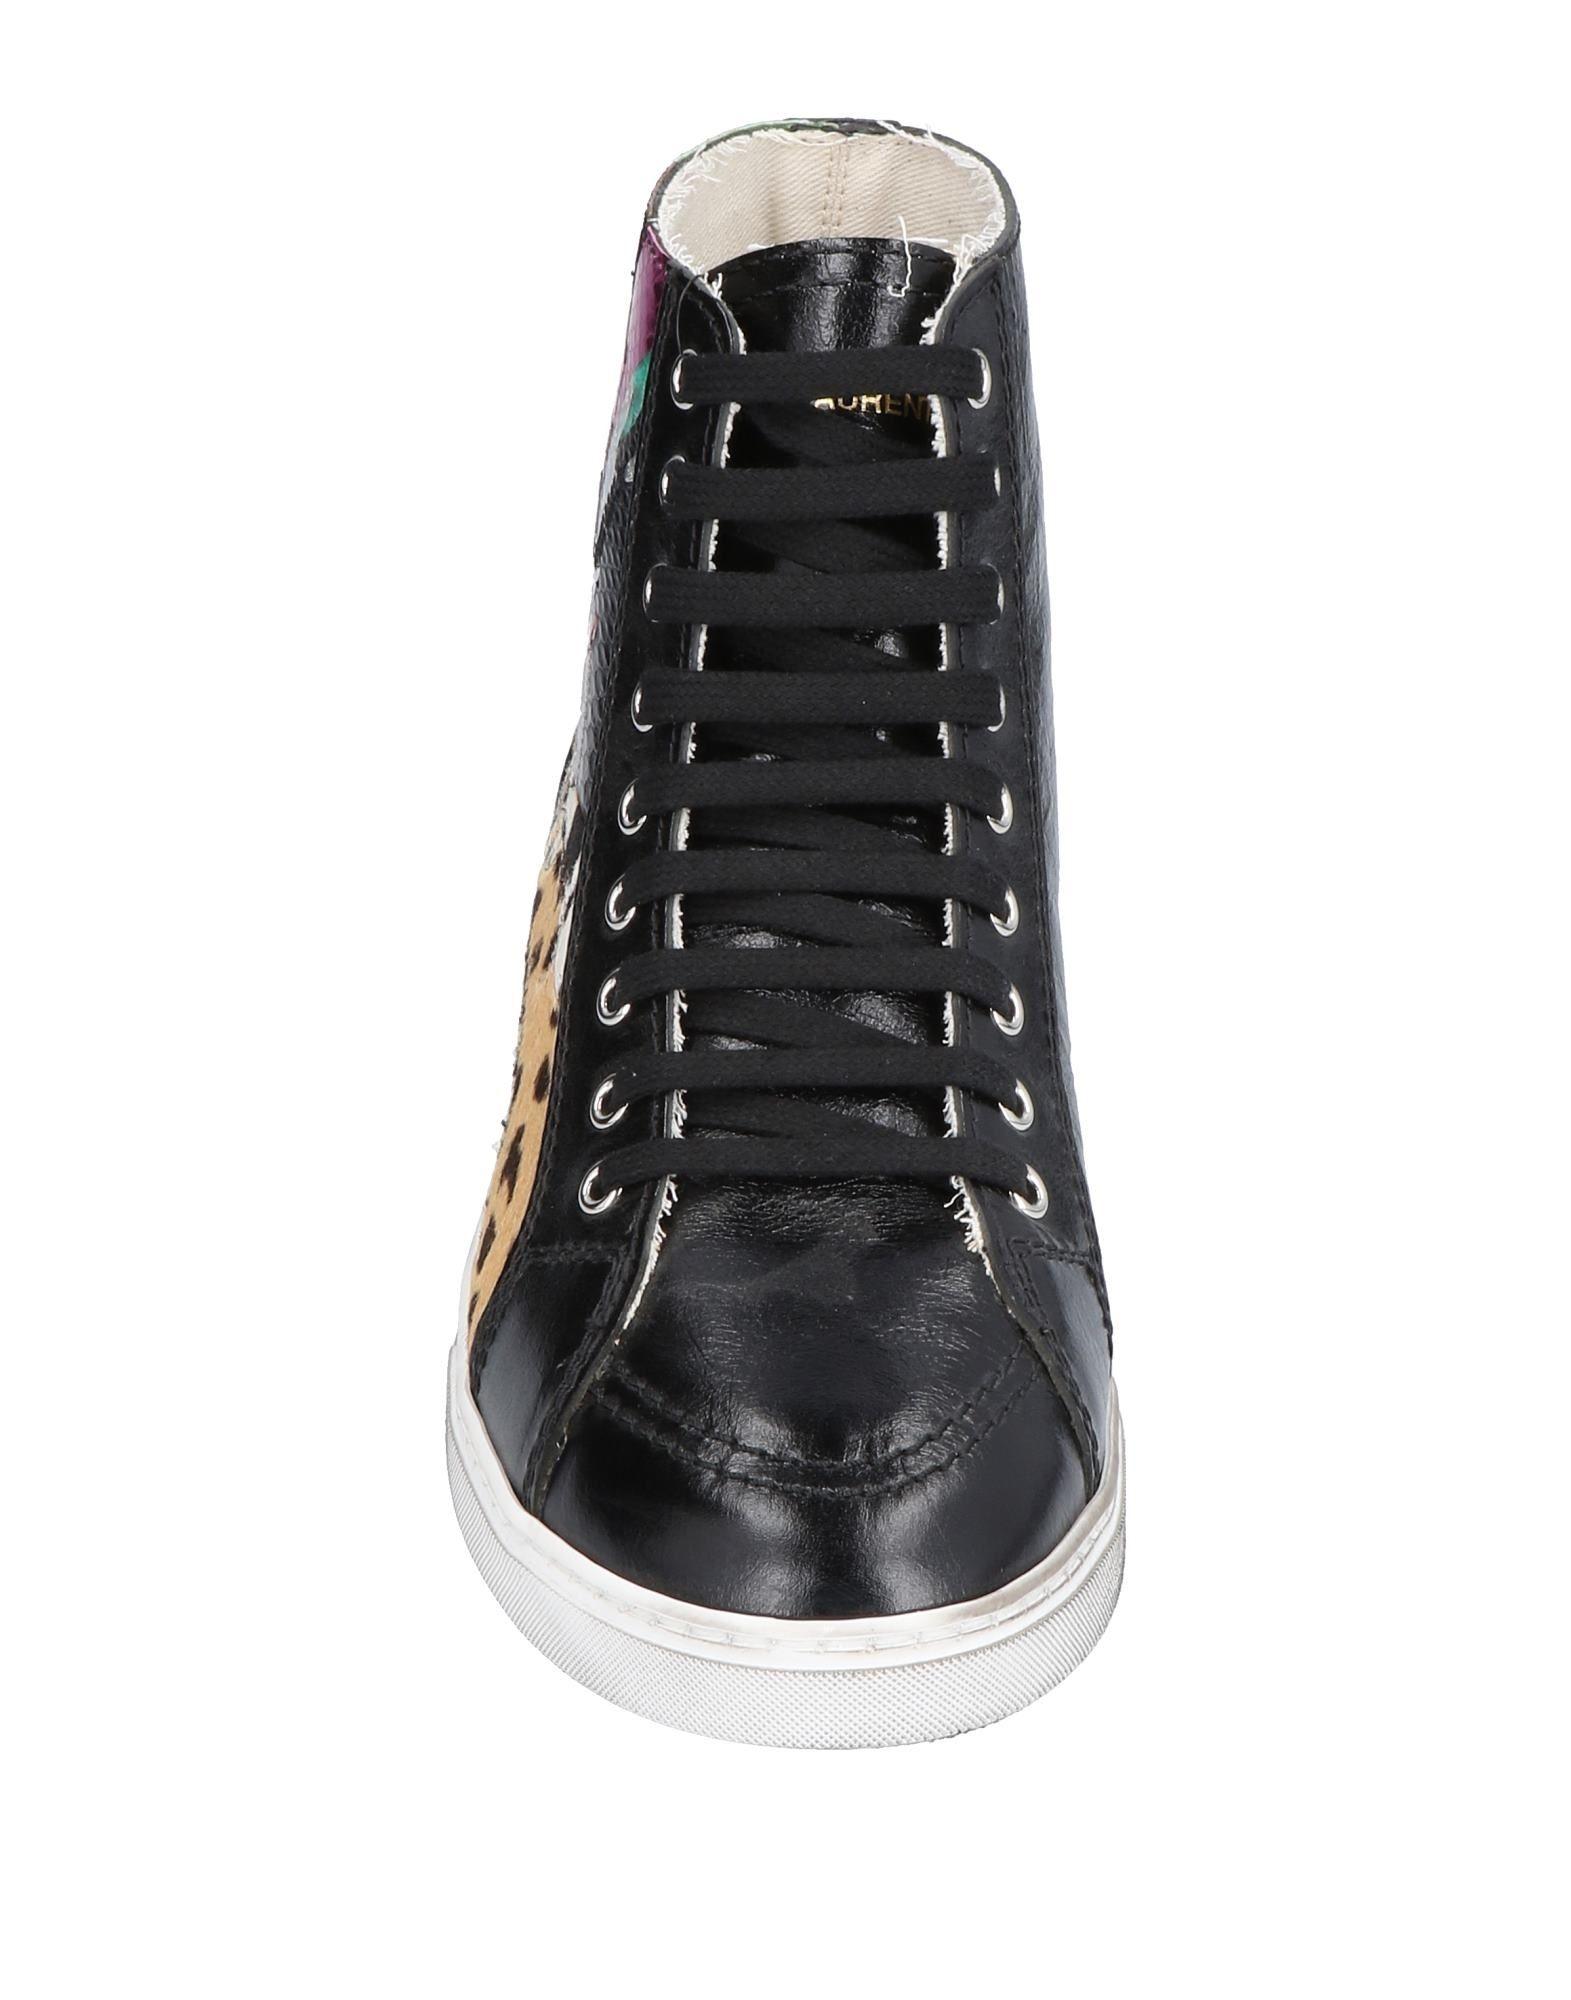 Saint Laurent Sneakers Herren beliebte  11482599FV Gute Qualität beliebte Herren Schuhe 13c3dc